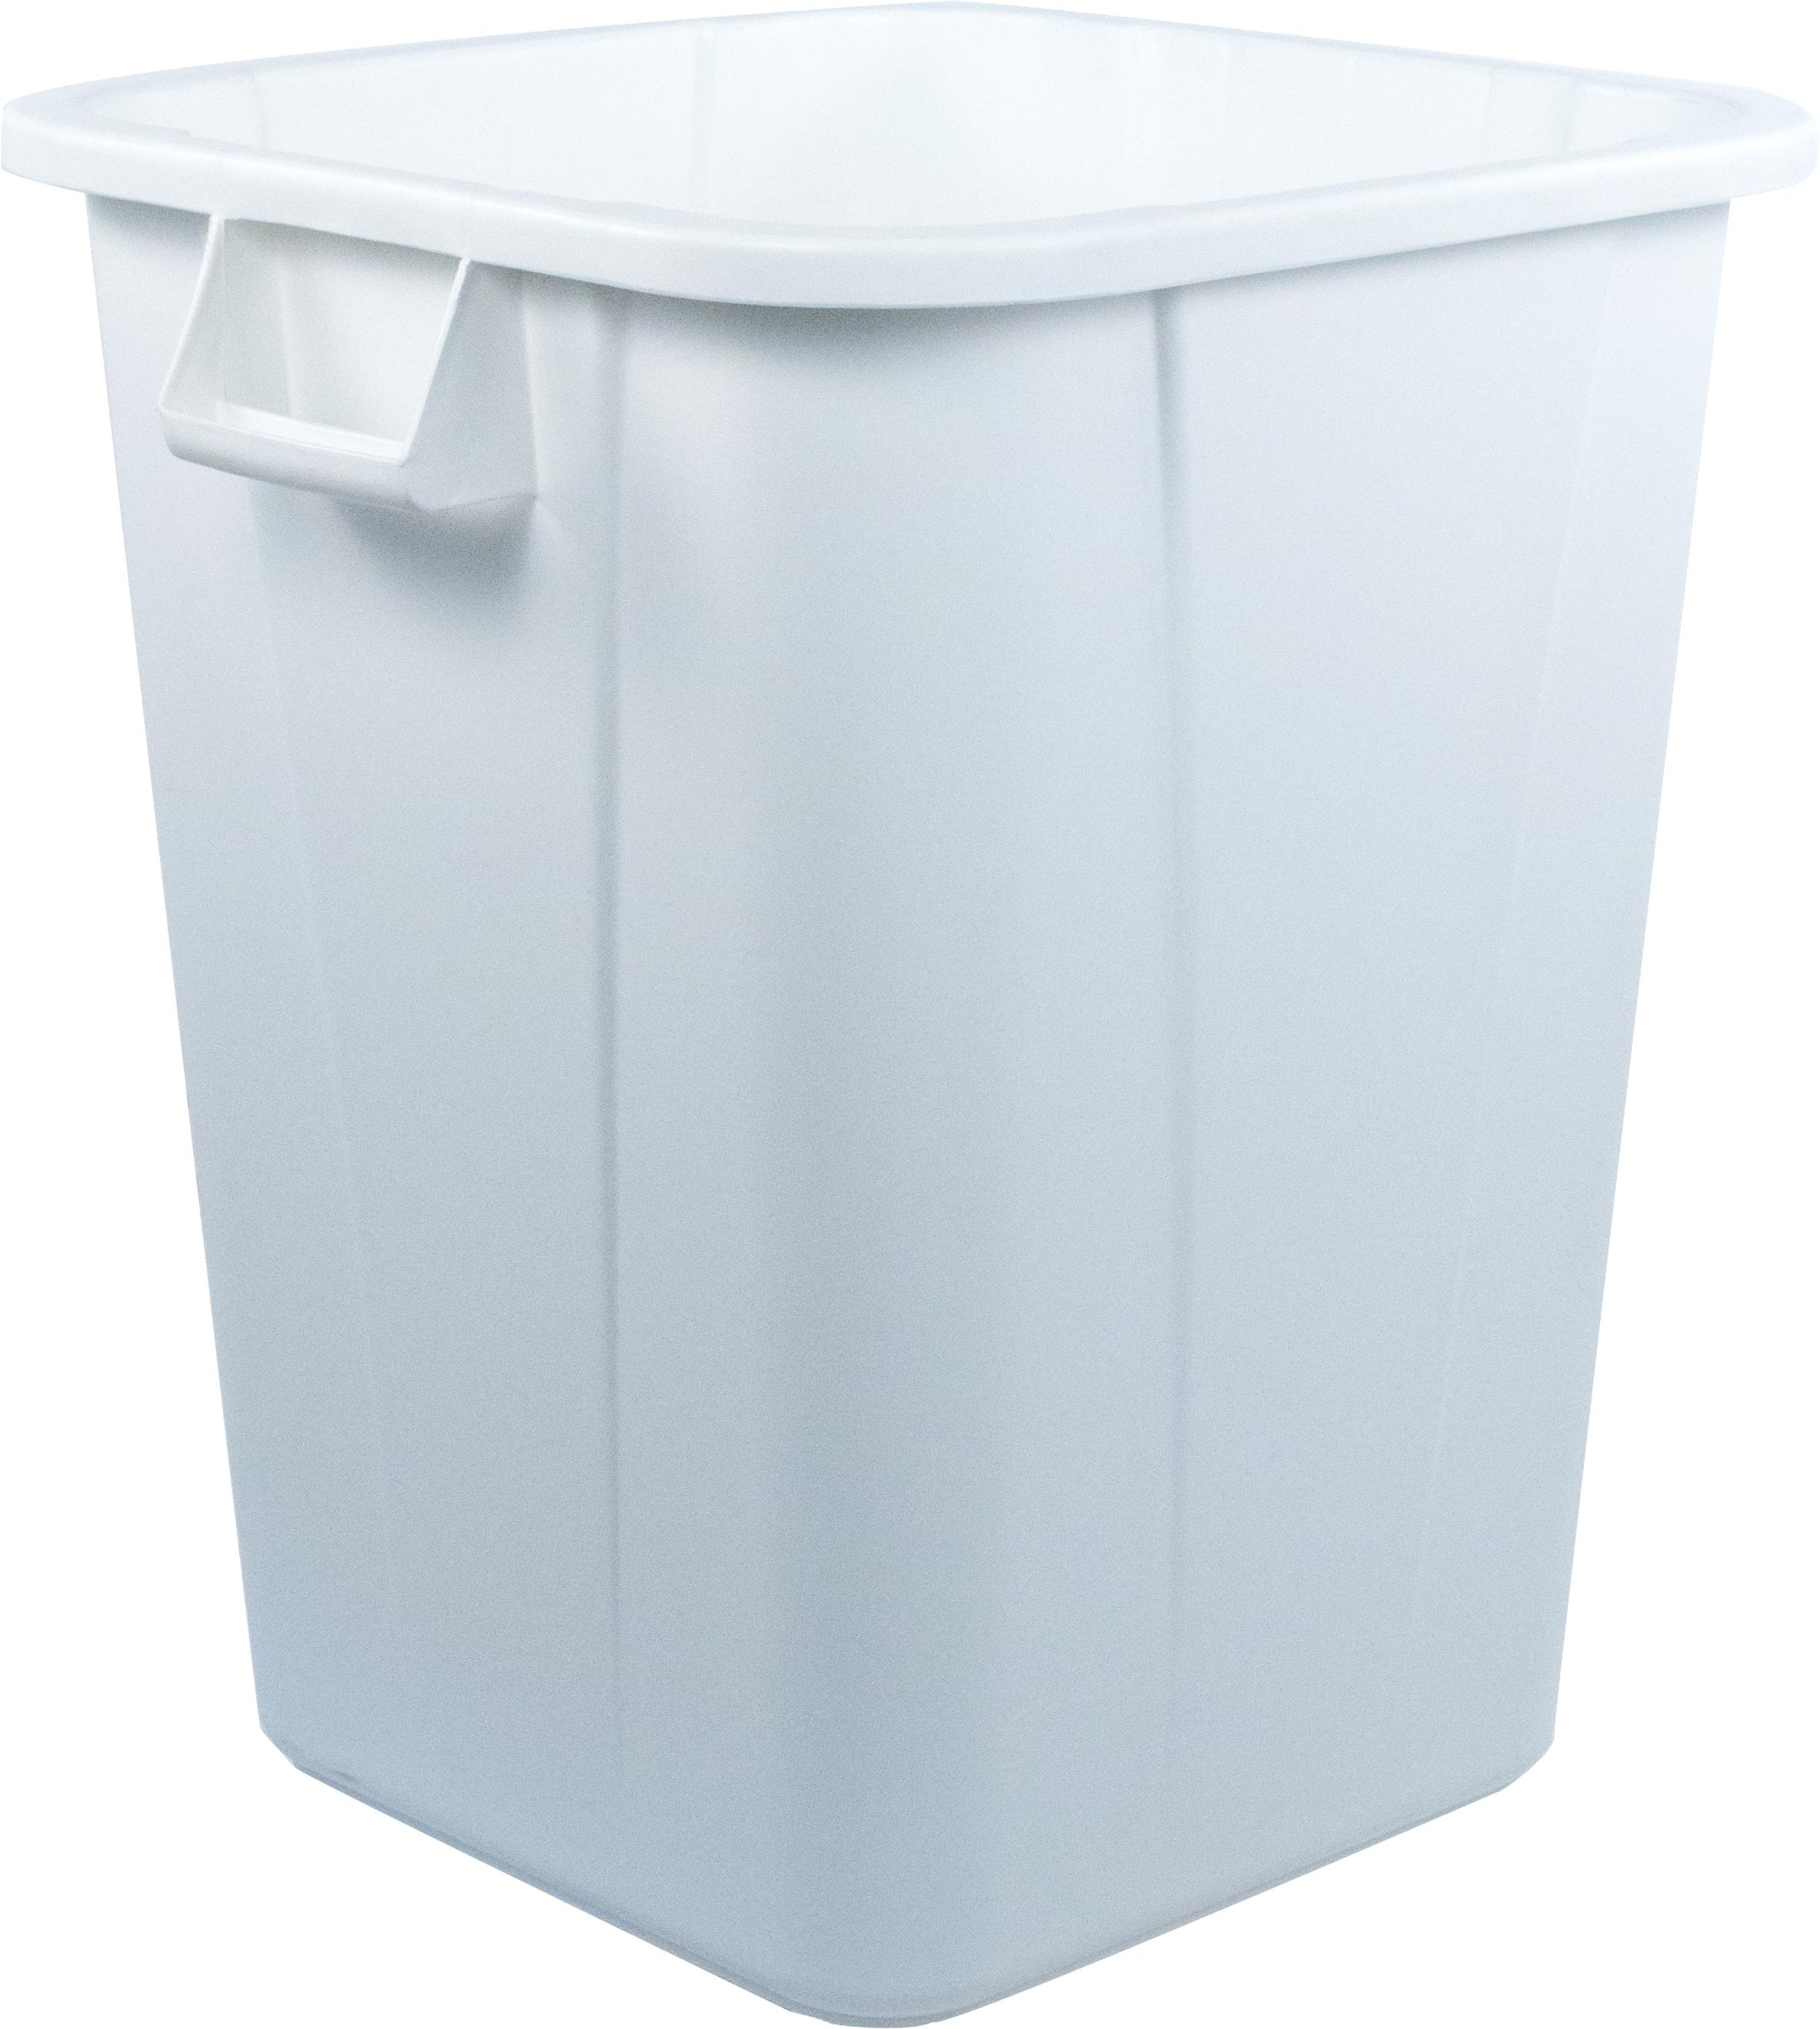 Bronco Square Waste Bin Trash Container 40 Gallon - White